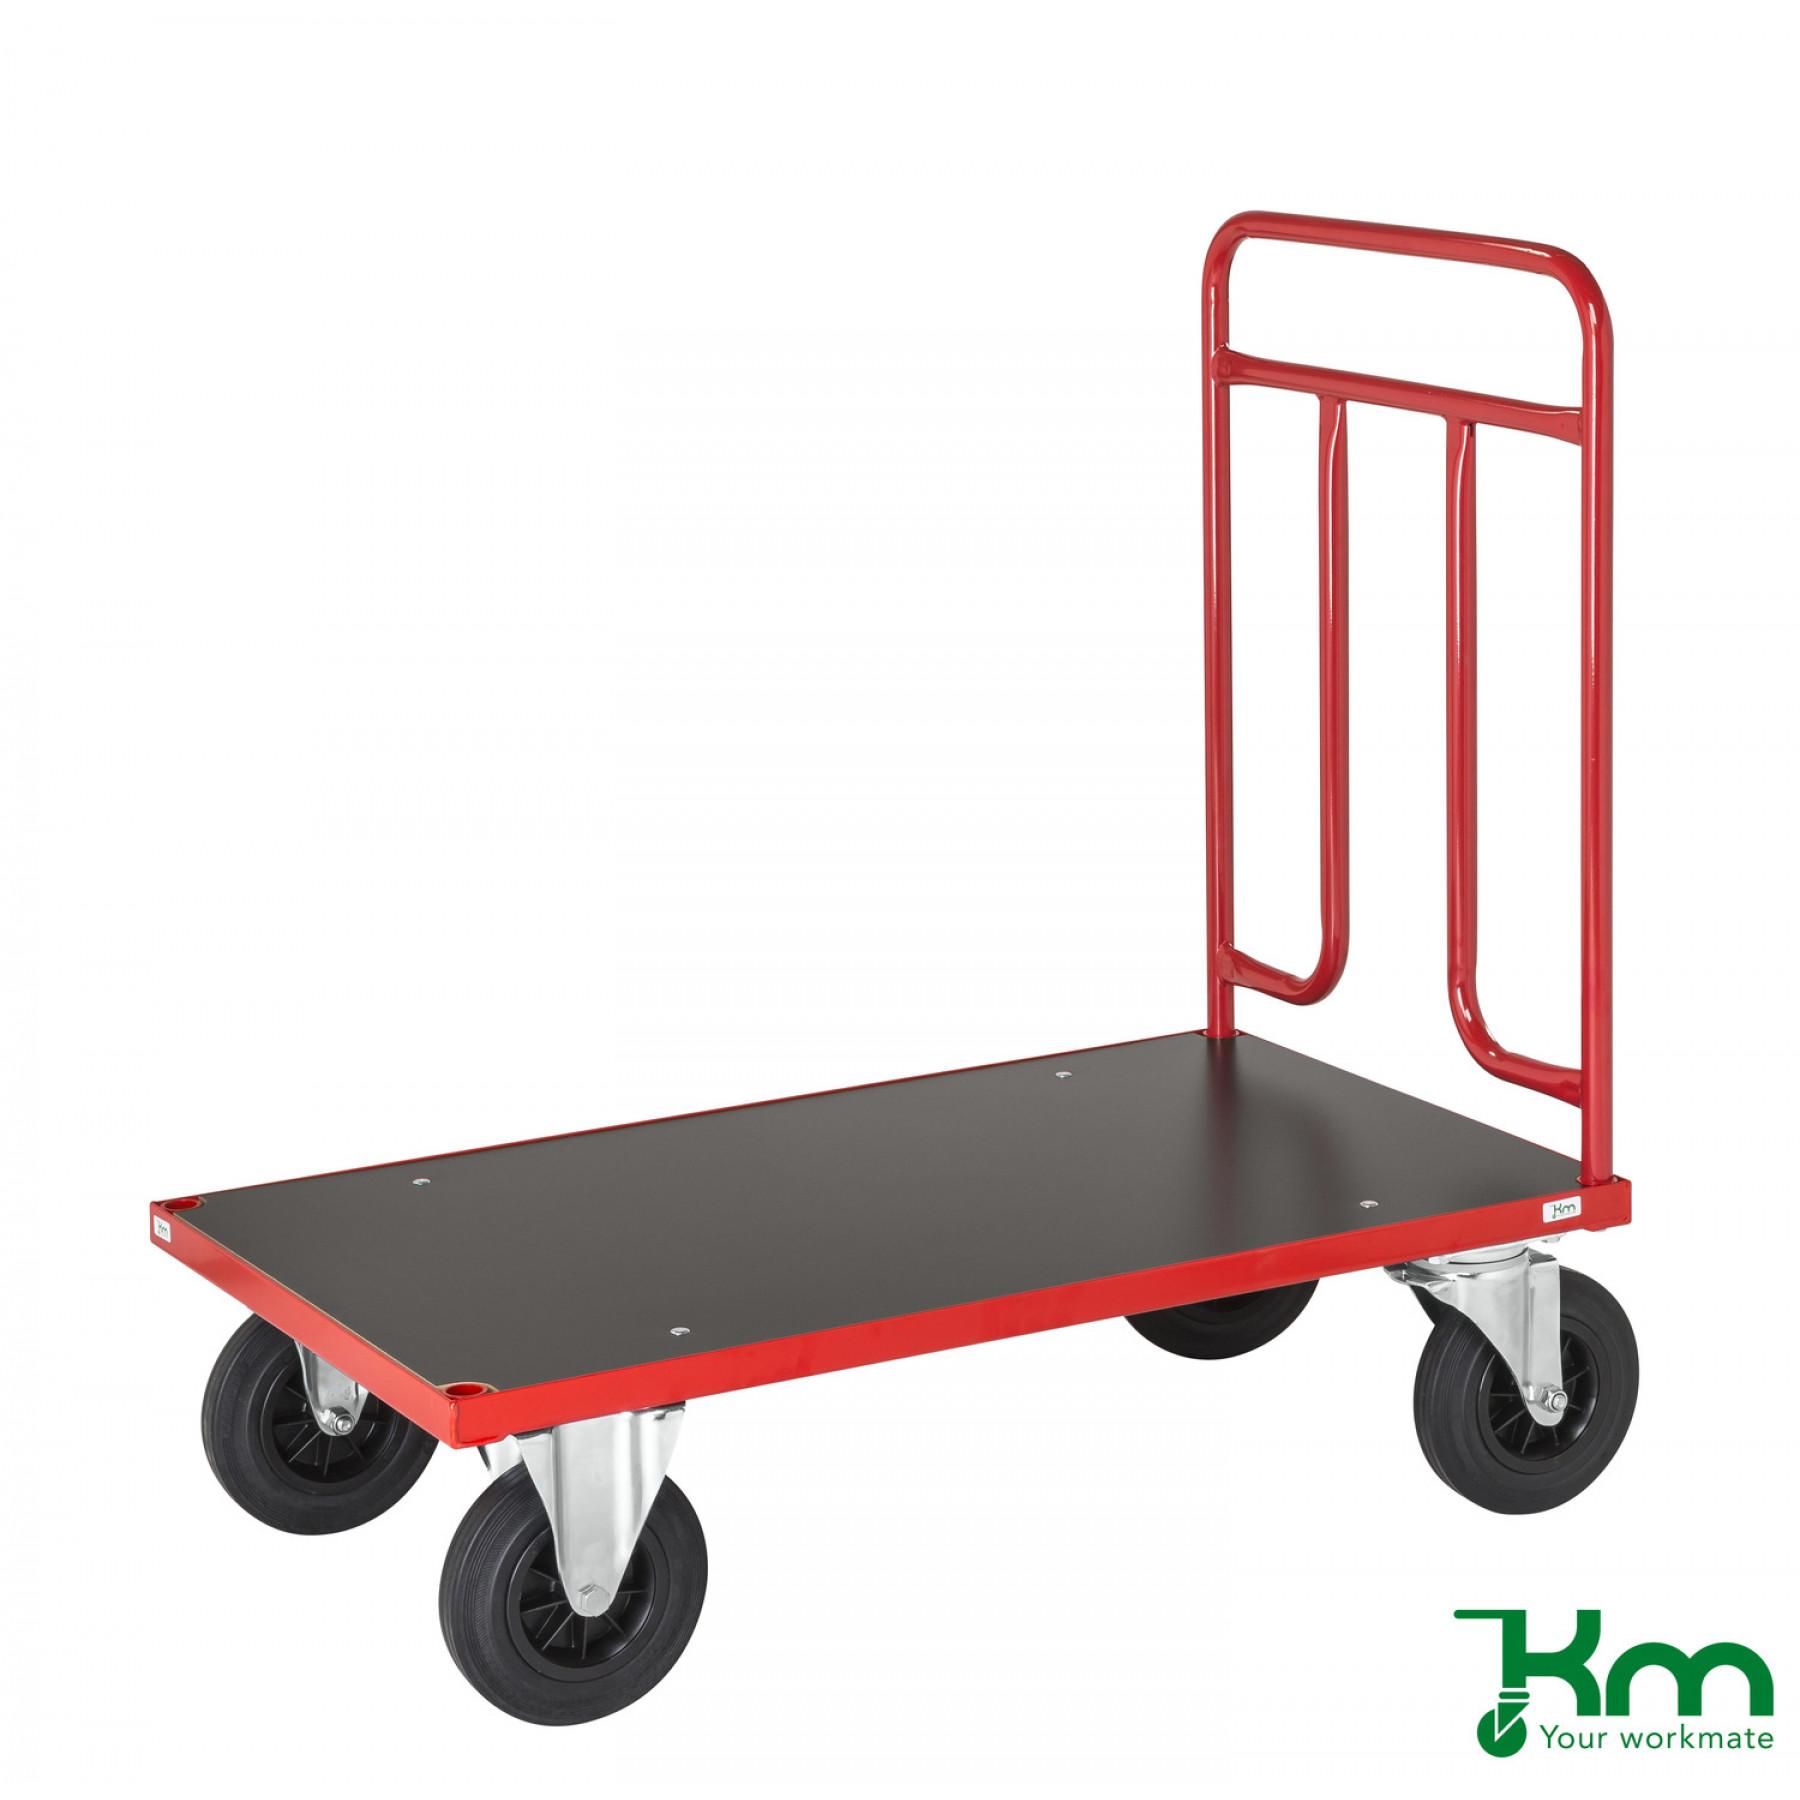 Duwwagen 1200x700 mm. Draagvermogen 500 kg, KM 731-5B